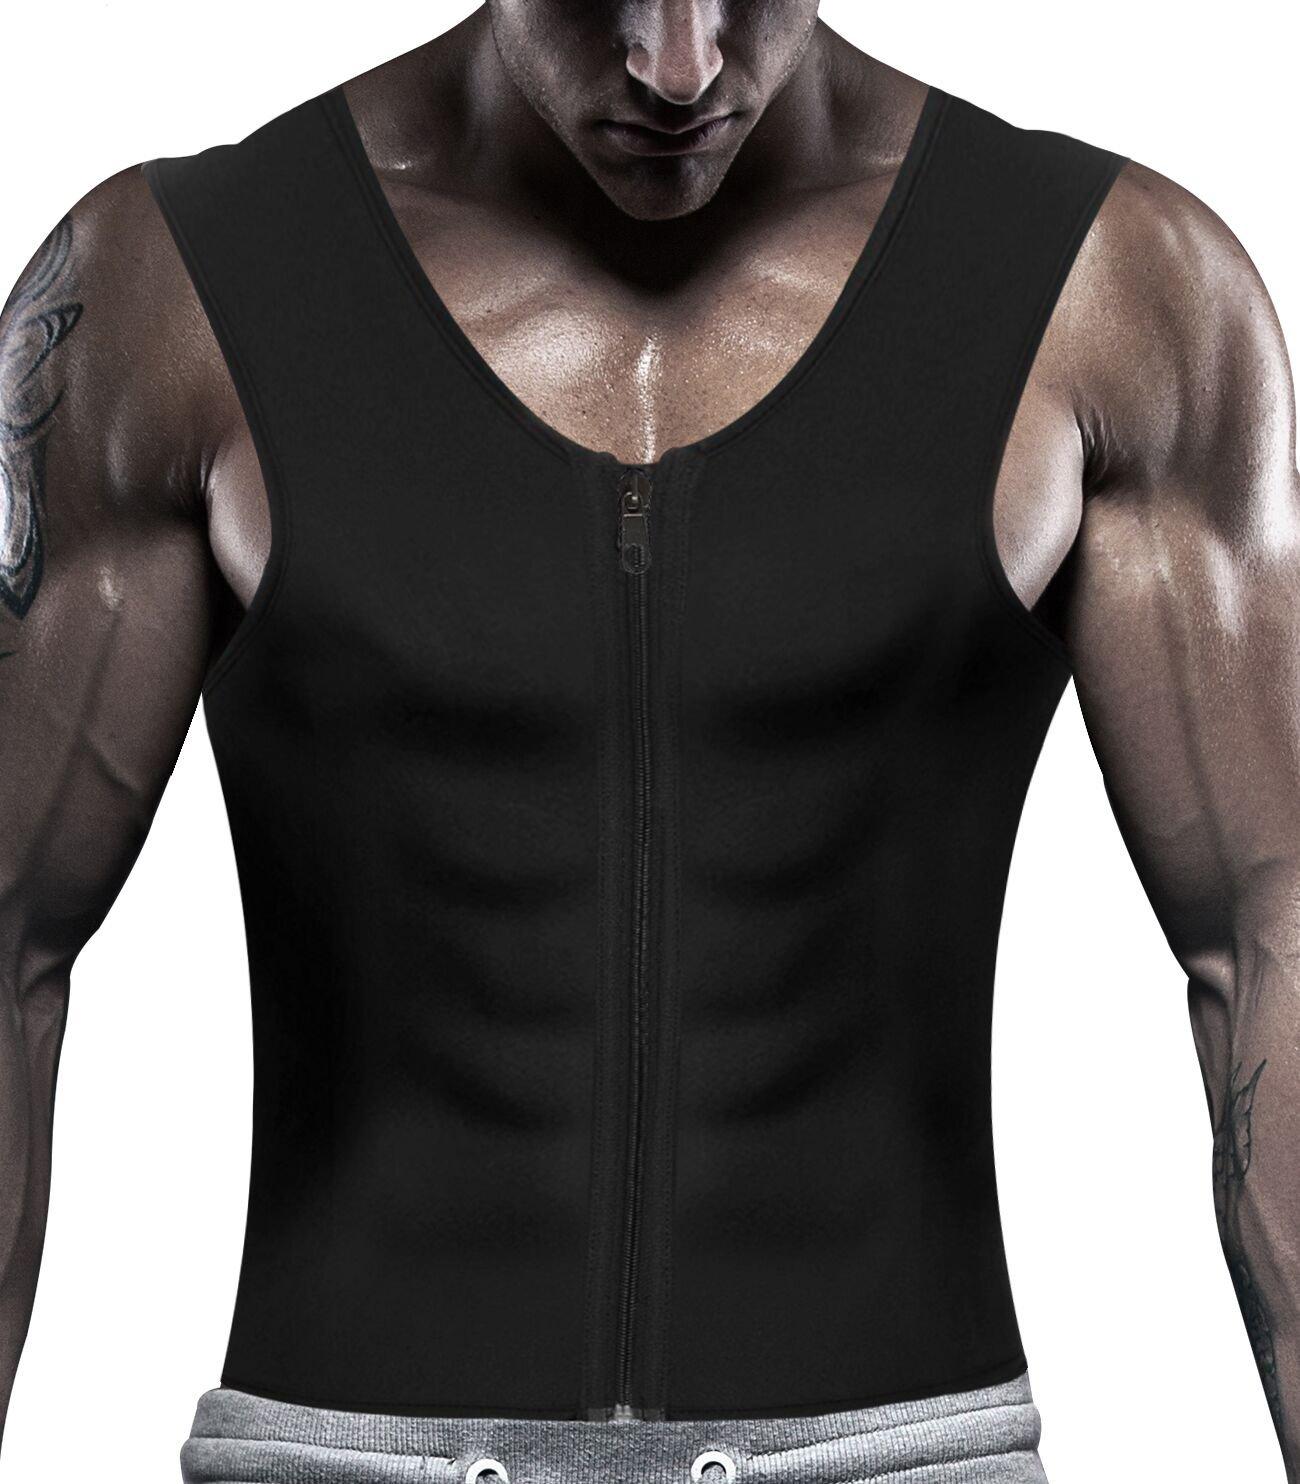 IFLOVE Men's Body Shaper Hot Sauna Vest Sweat Slimming Tank Top with Zipper for Weight Loss Fat Burner Neoprene S